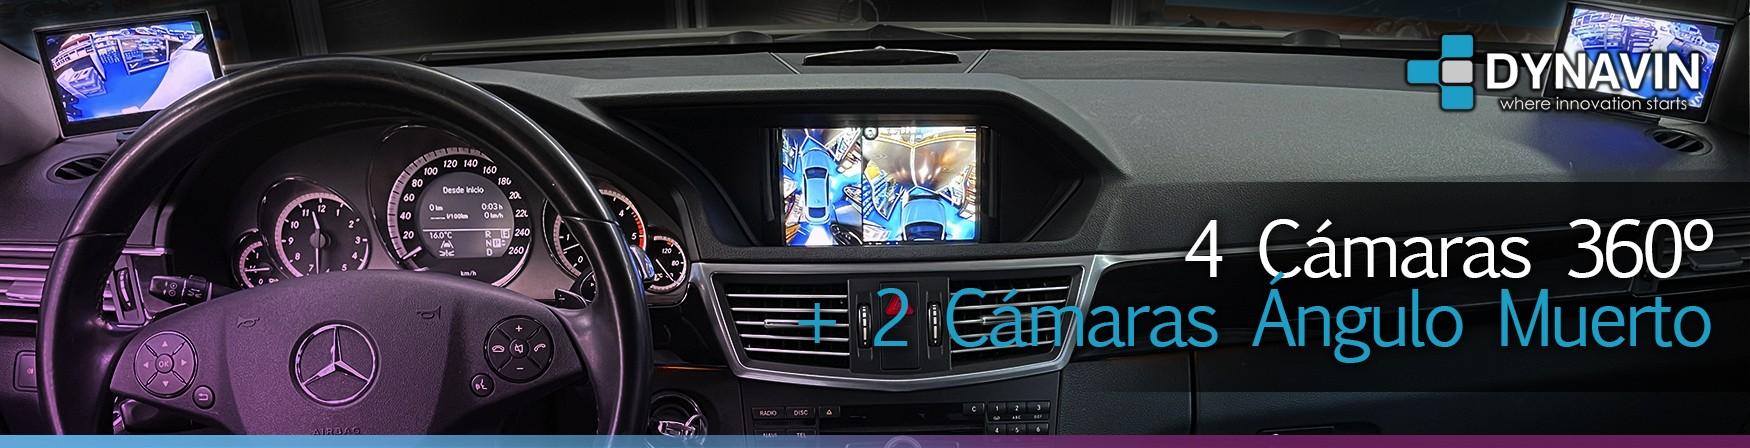 Dynavin sistema de aparcamiento 360 añadiendo 2 cámaras extra para ángulo muerto